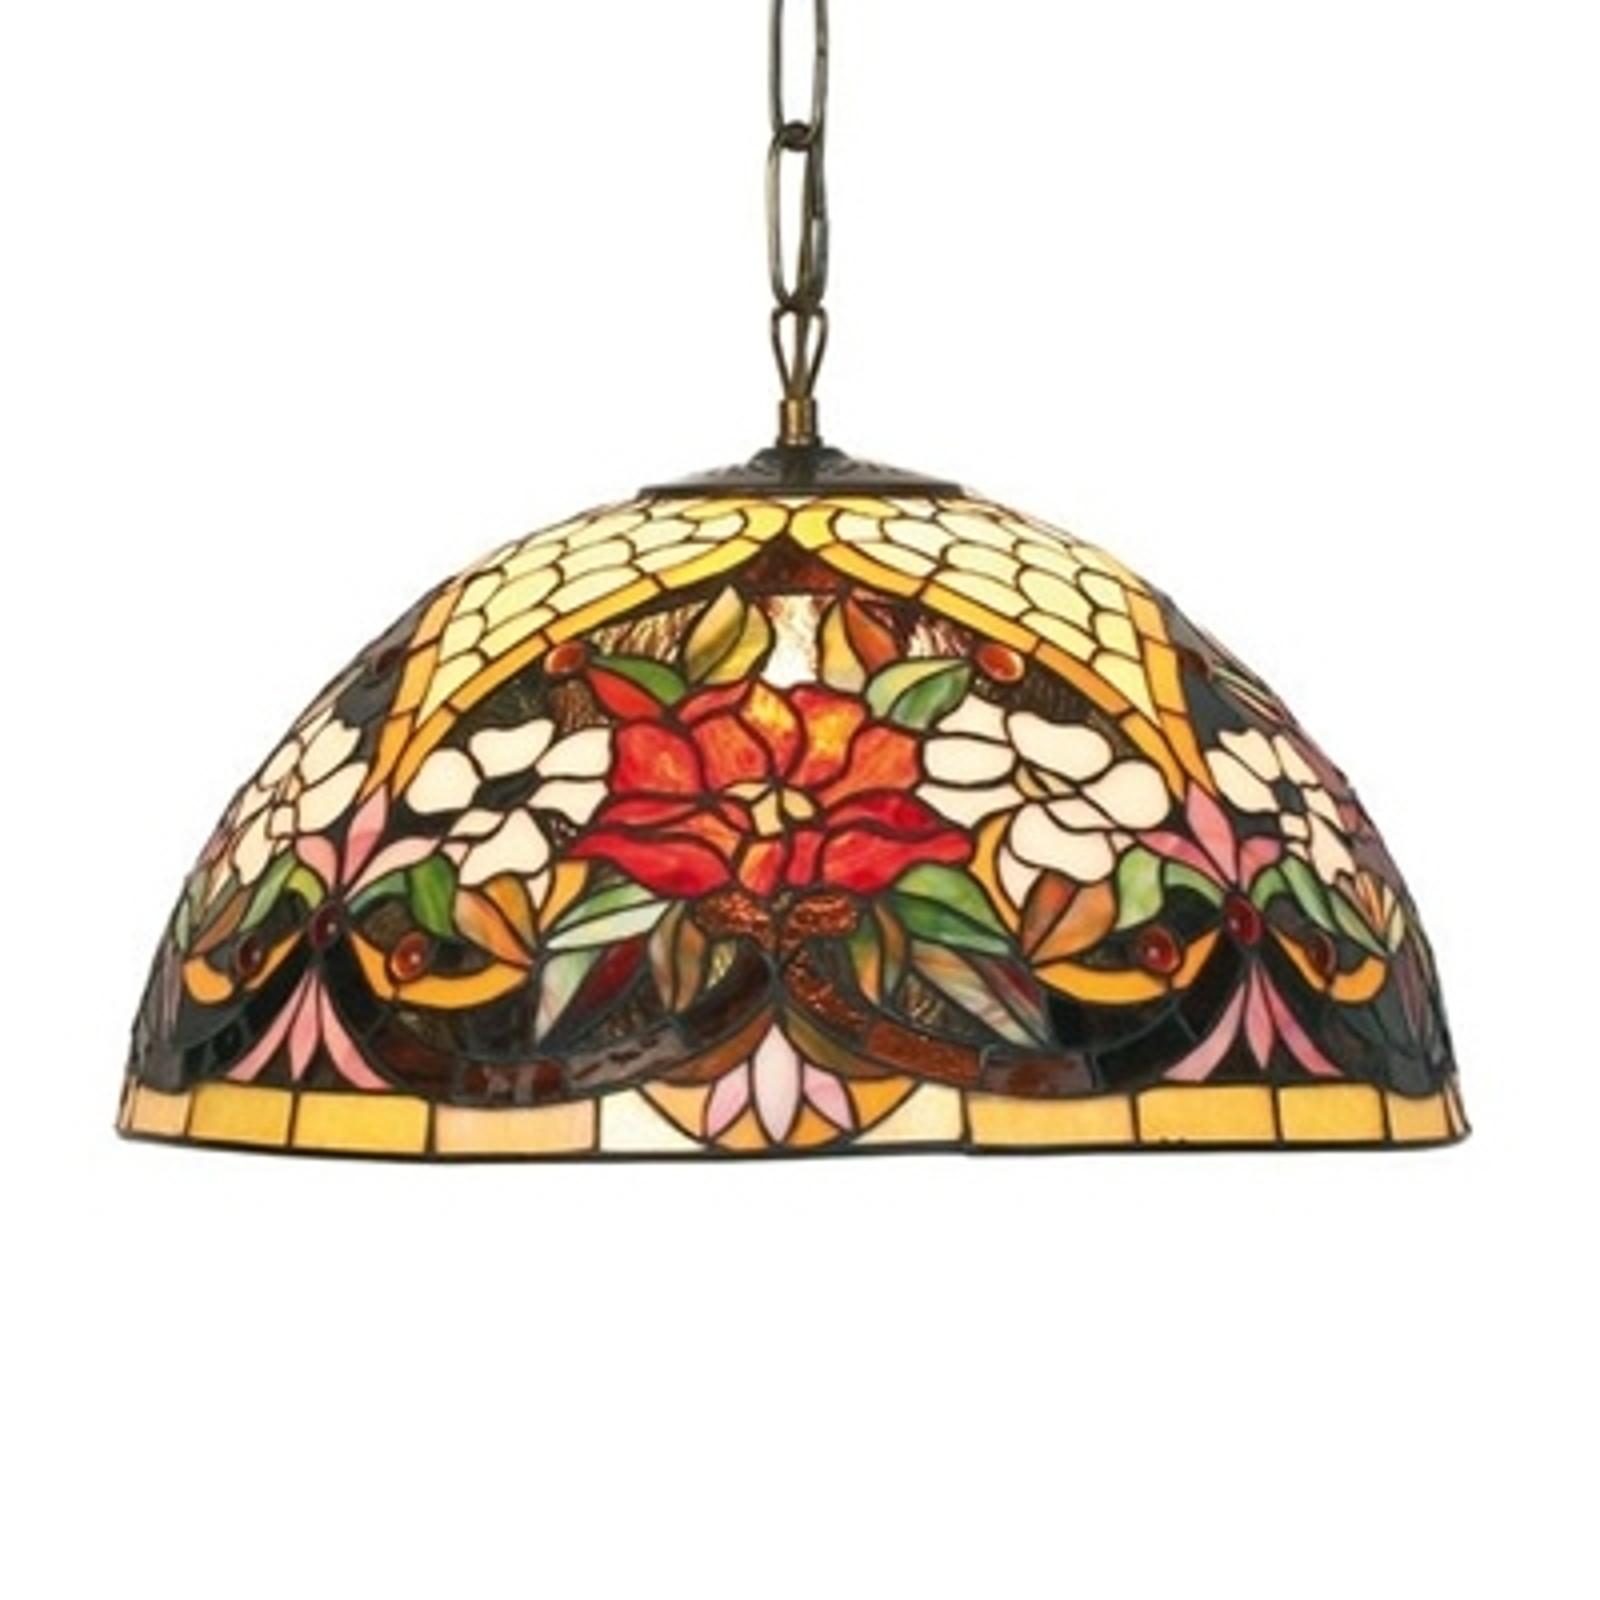 Floral hanging light ANTINA, 1 x E27_1032151_1